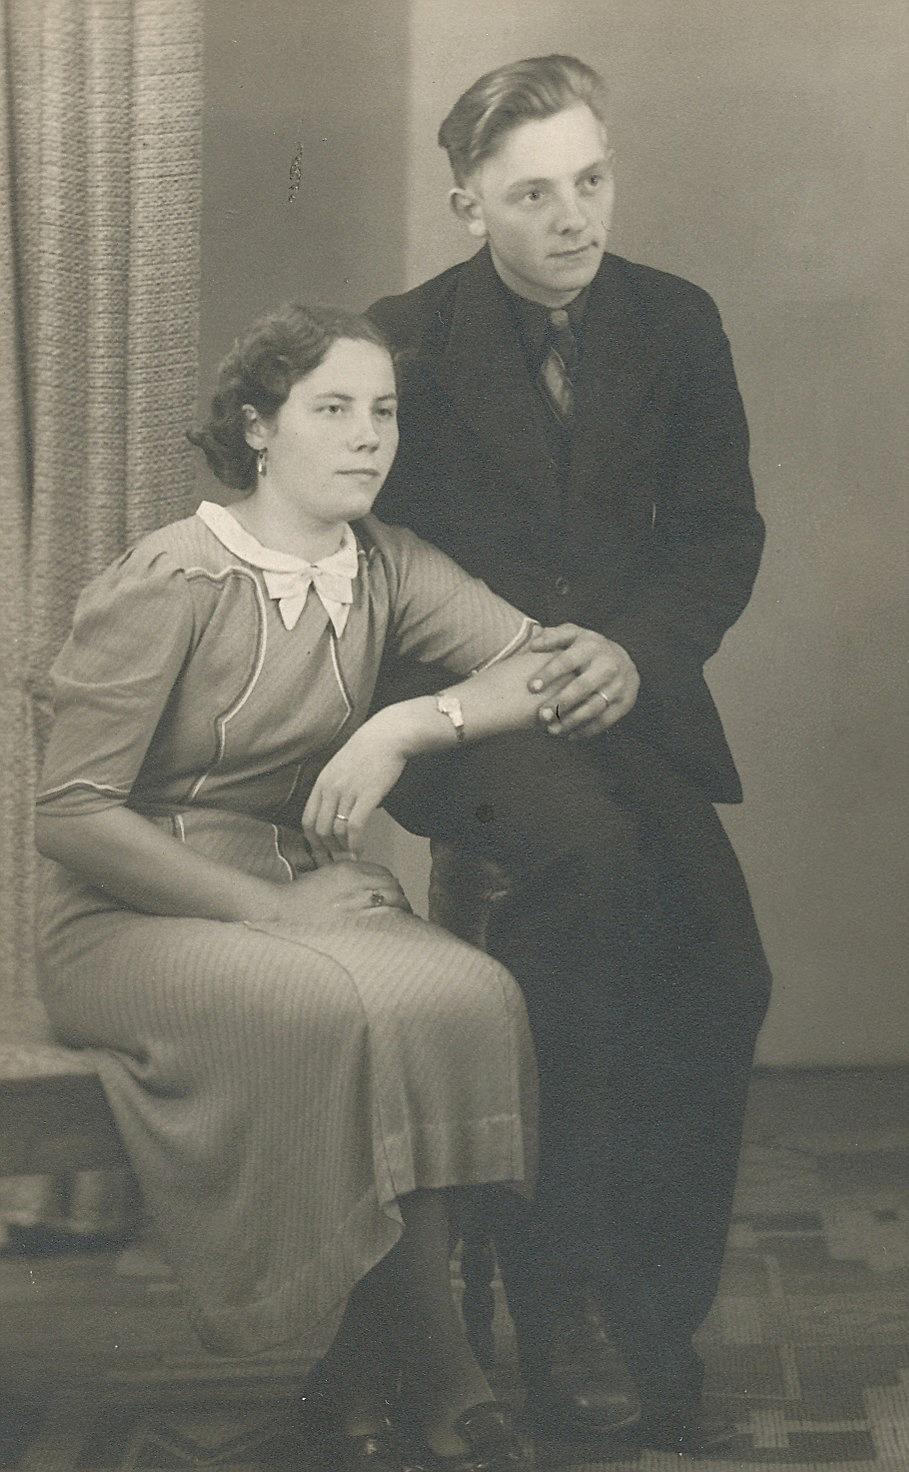 I april 1940 gifte sig Birger Grönroos med Lilja Nordberg från Palon, Hon var född 1919 och var dotter till Alfred och Adelina Nordberg.